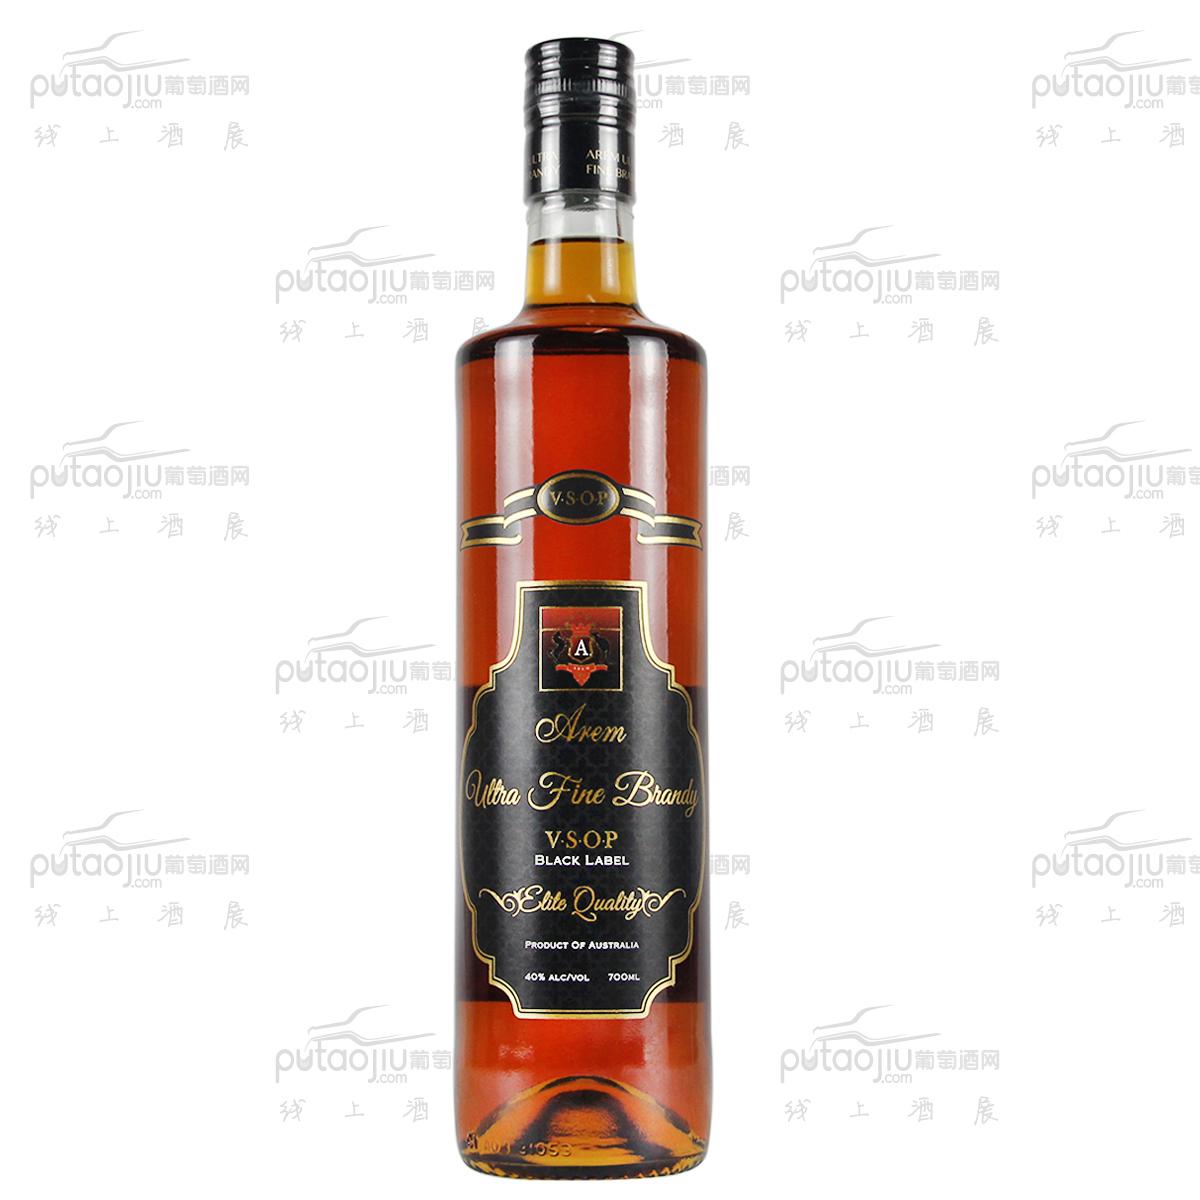 澳大利亞高奔產區澳寶紅酒莊混釀特級VSOP白蘭地